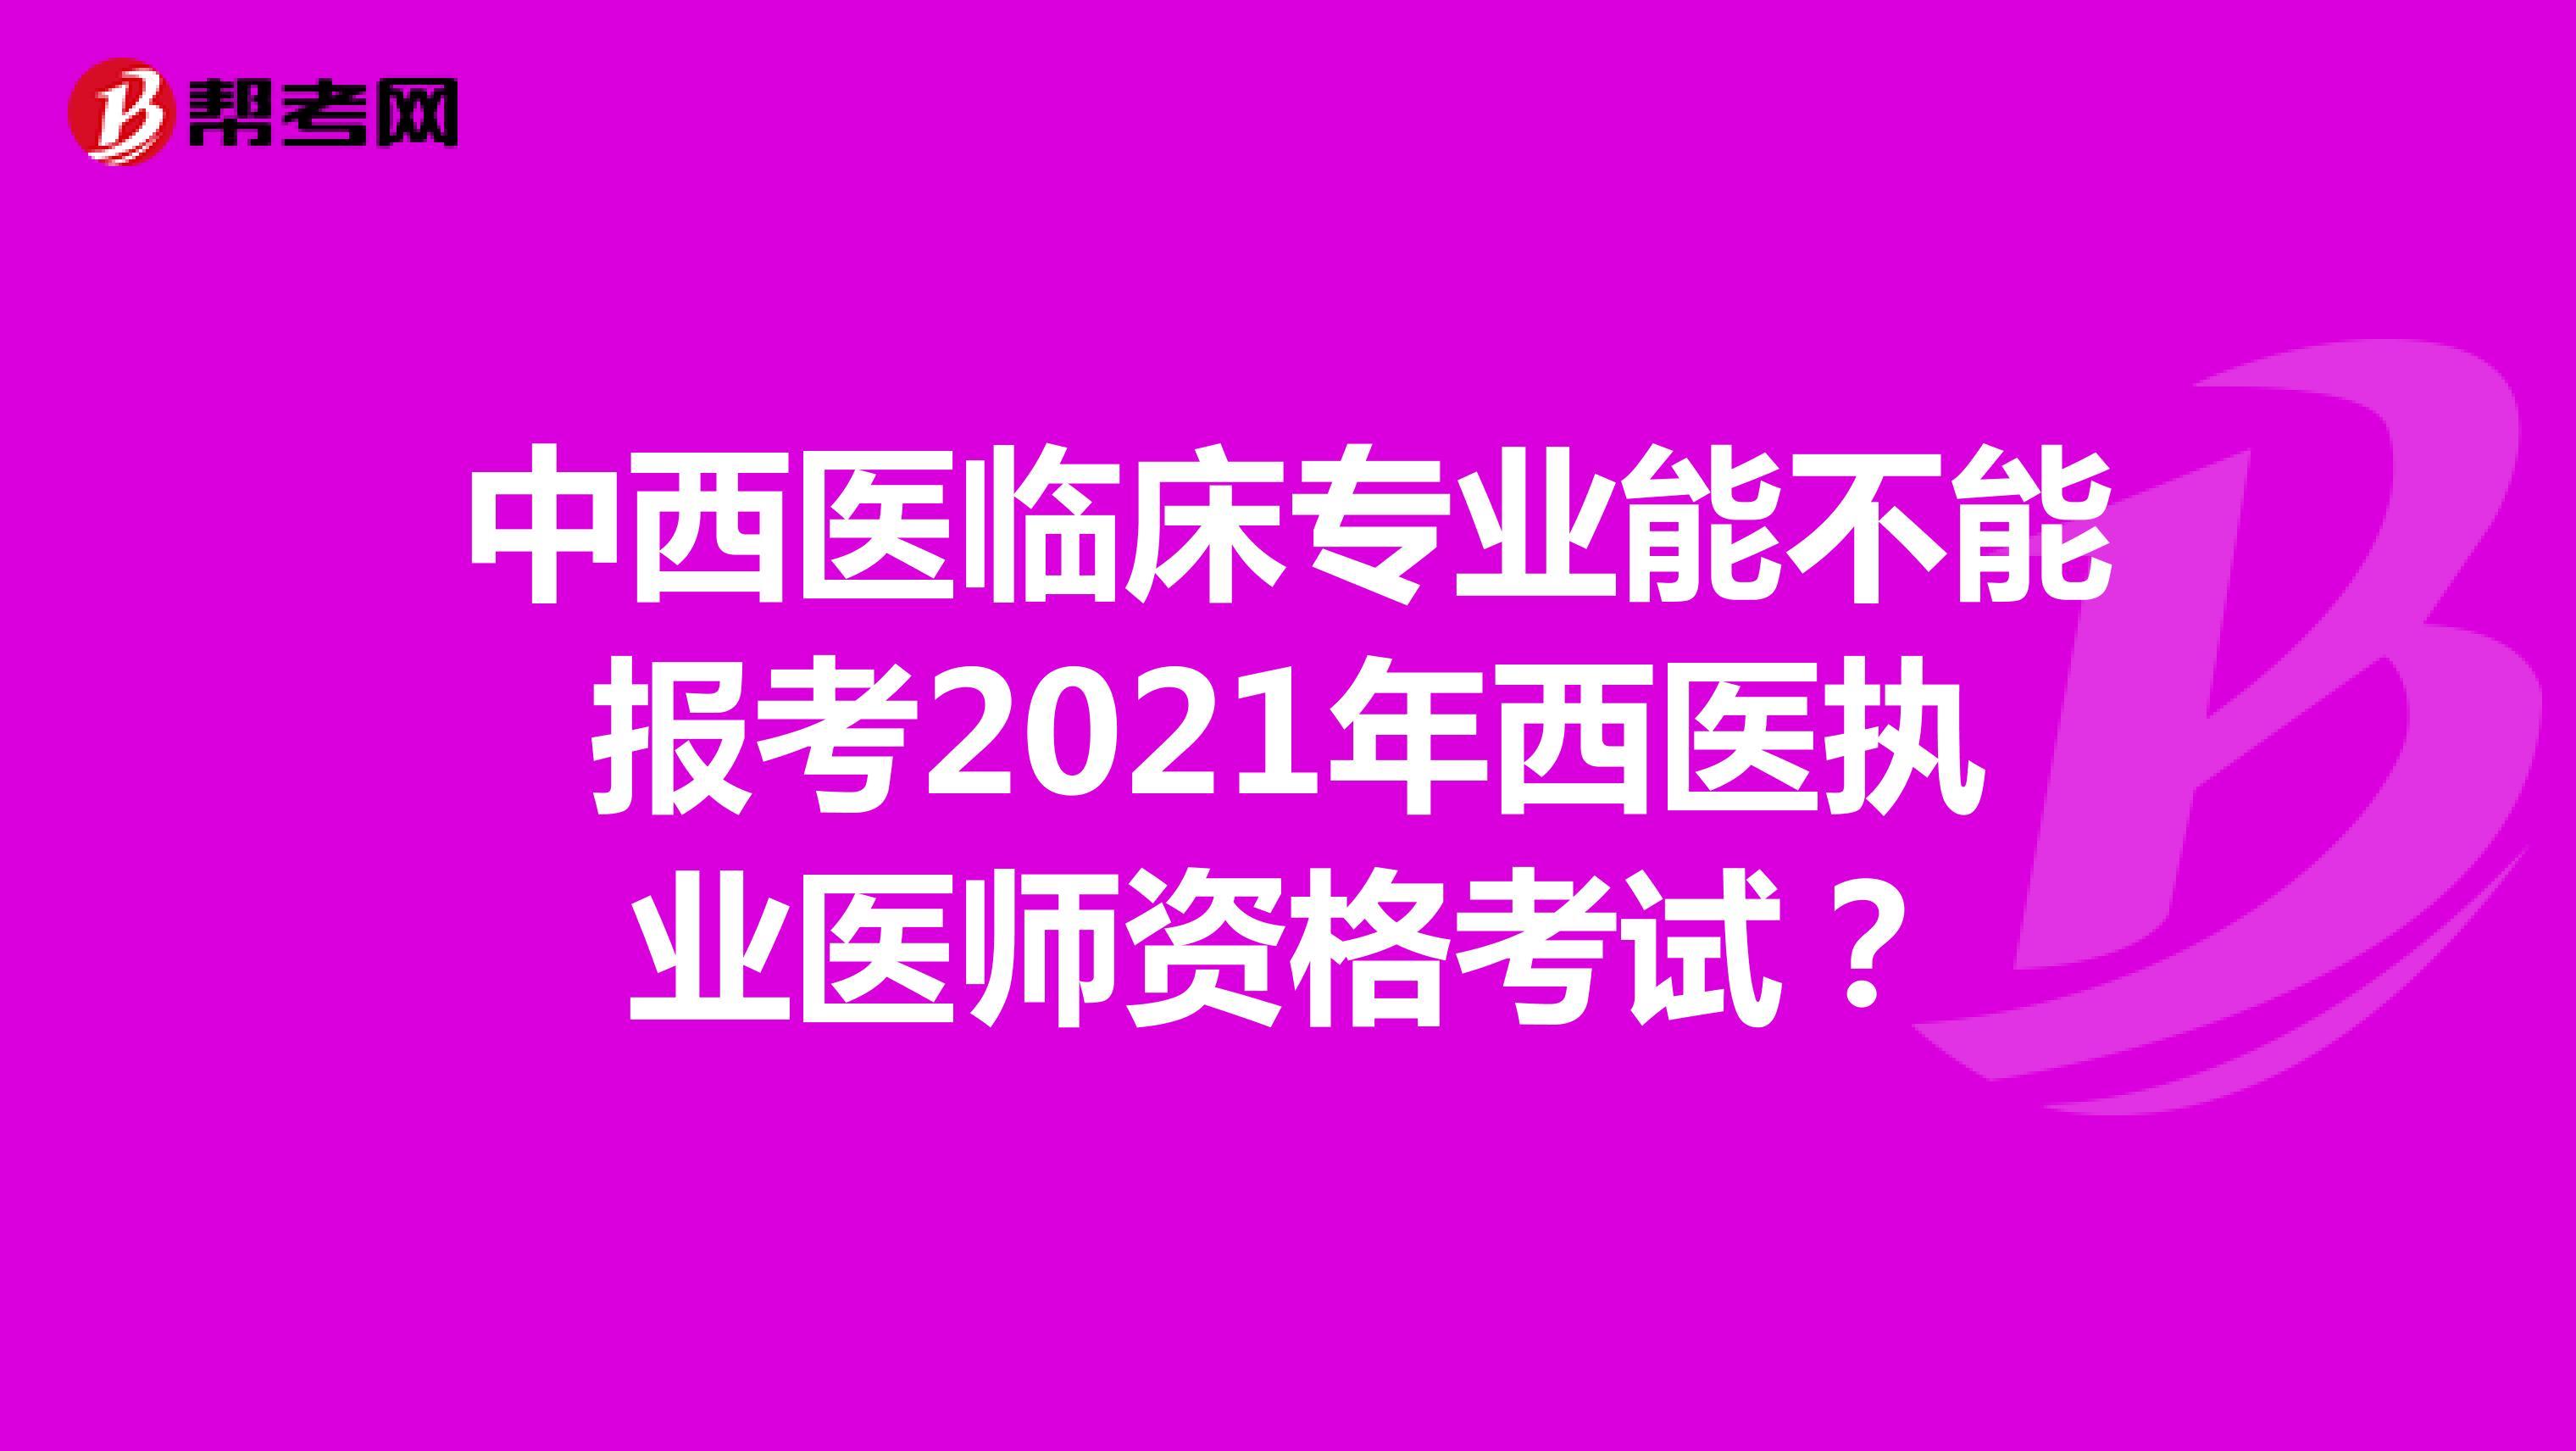 中西医临床专业能不能报考2021年西医执业医师资格考试?